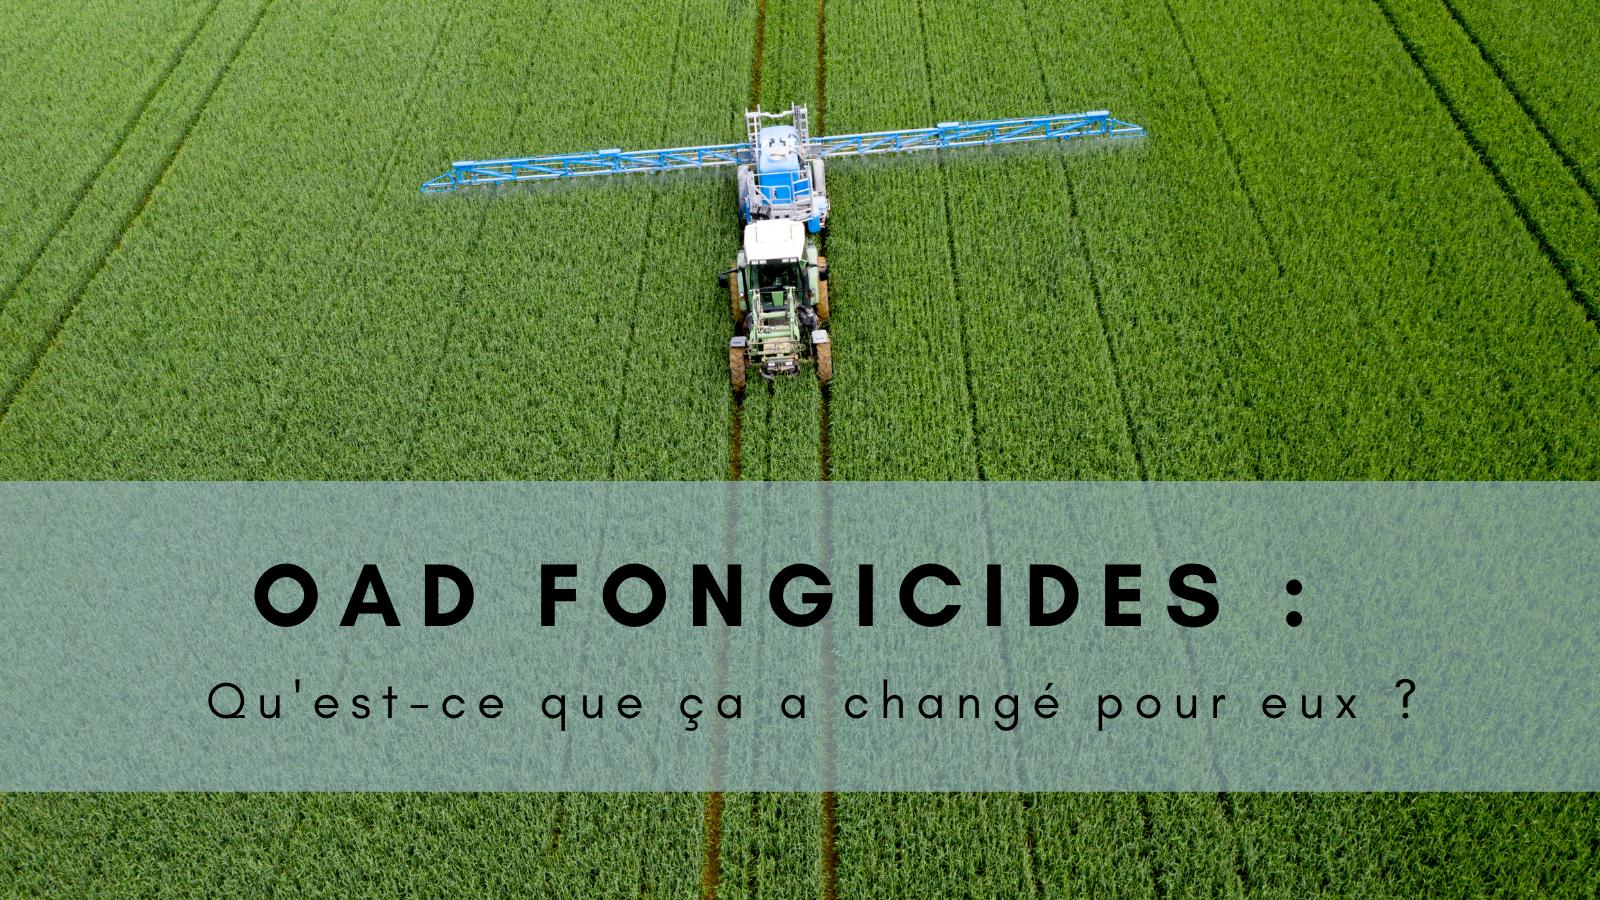 OAD fongicides : qu'est-ce que ça a changé pour ces agriculteurs ?